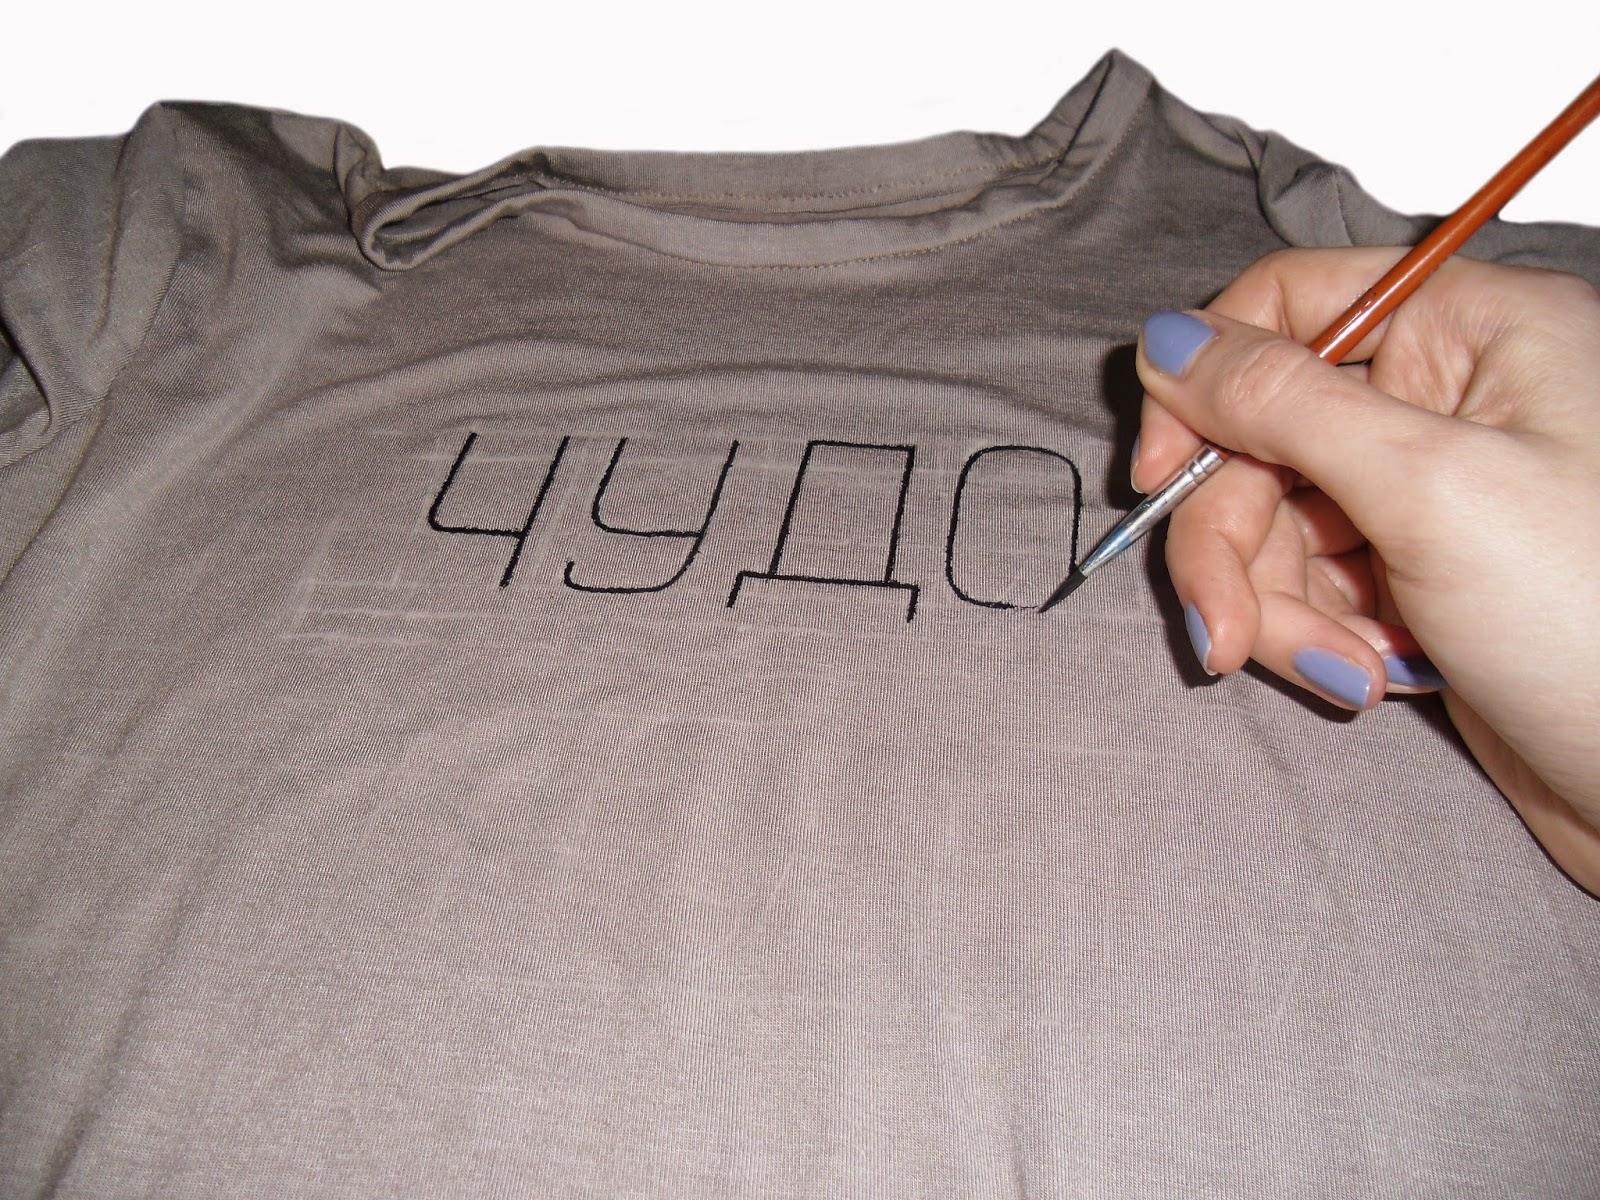 Как сделать надпись на толстовке своими руками 29